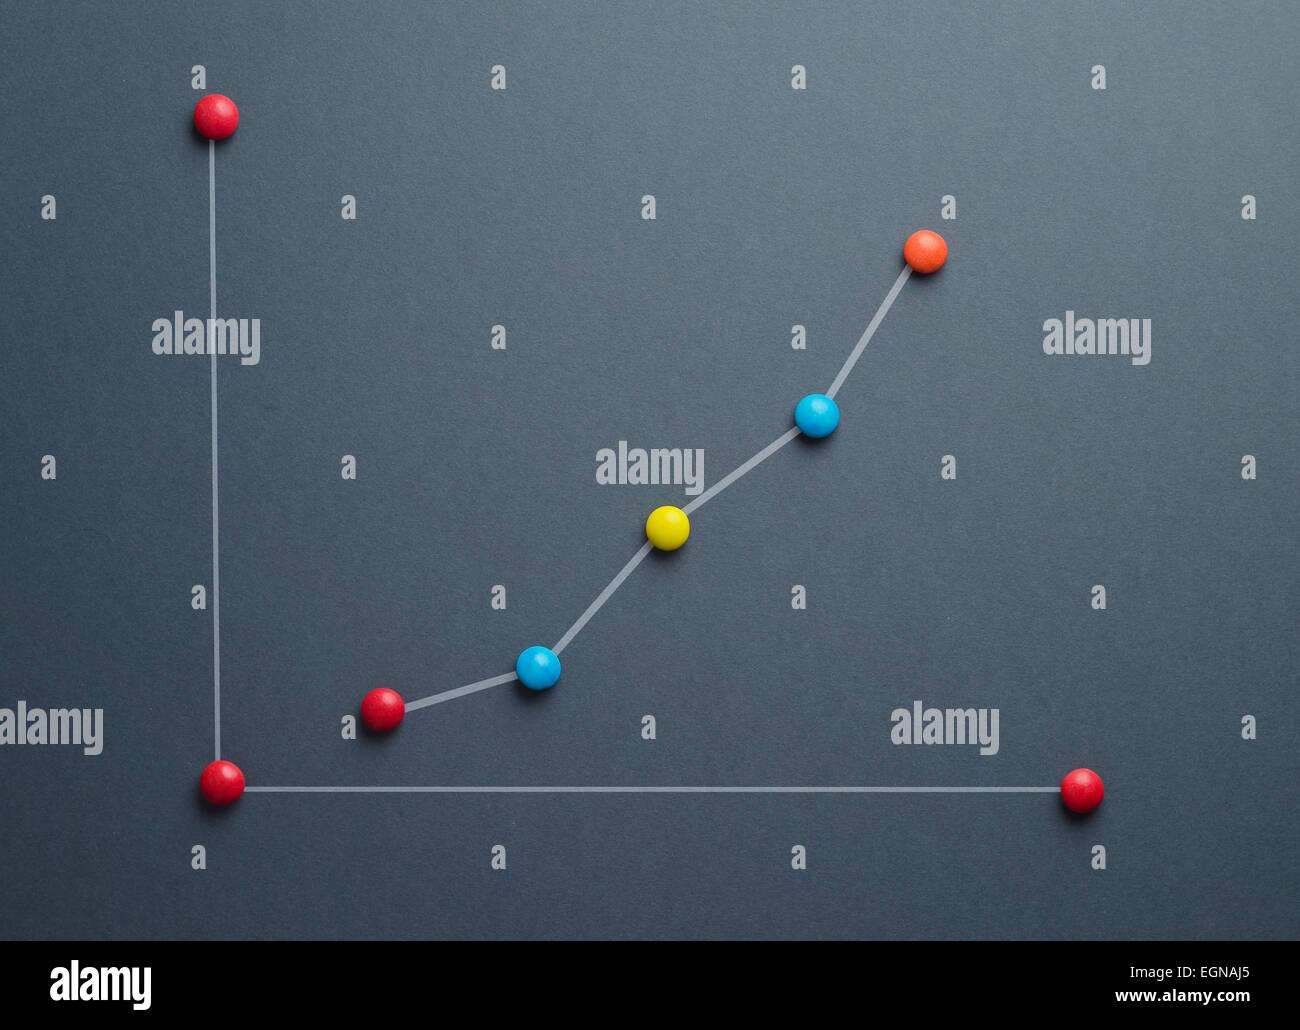 Gráfico de crecimiento concepto hecho de coloridos caramelos con forma de botón sobre fondo azul oscuro. Imagen De Stock